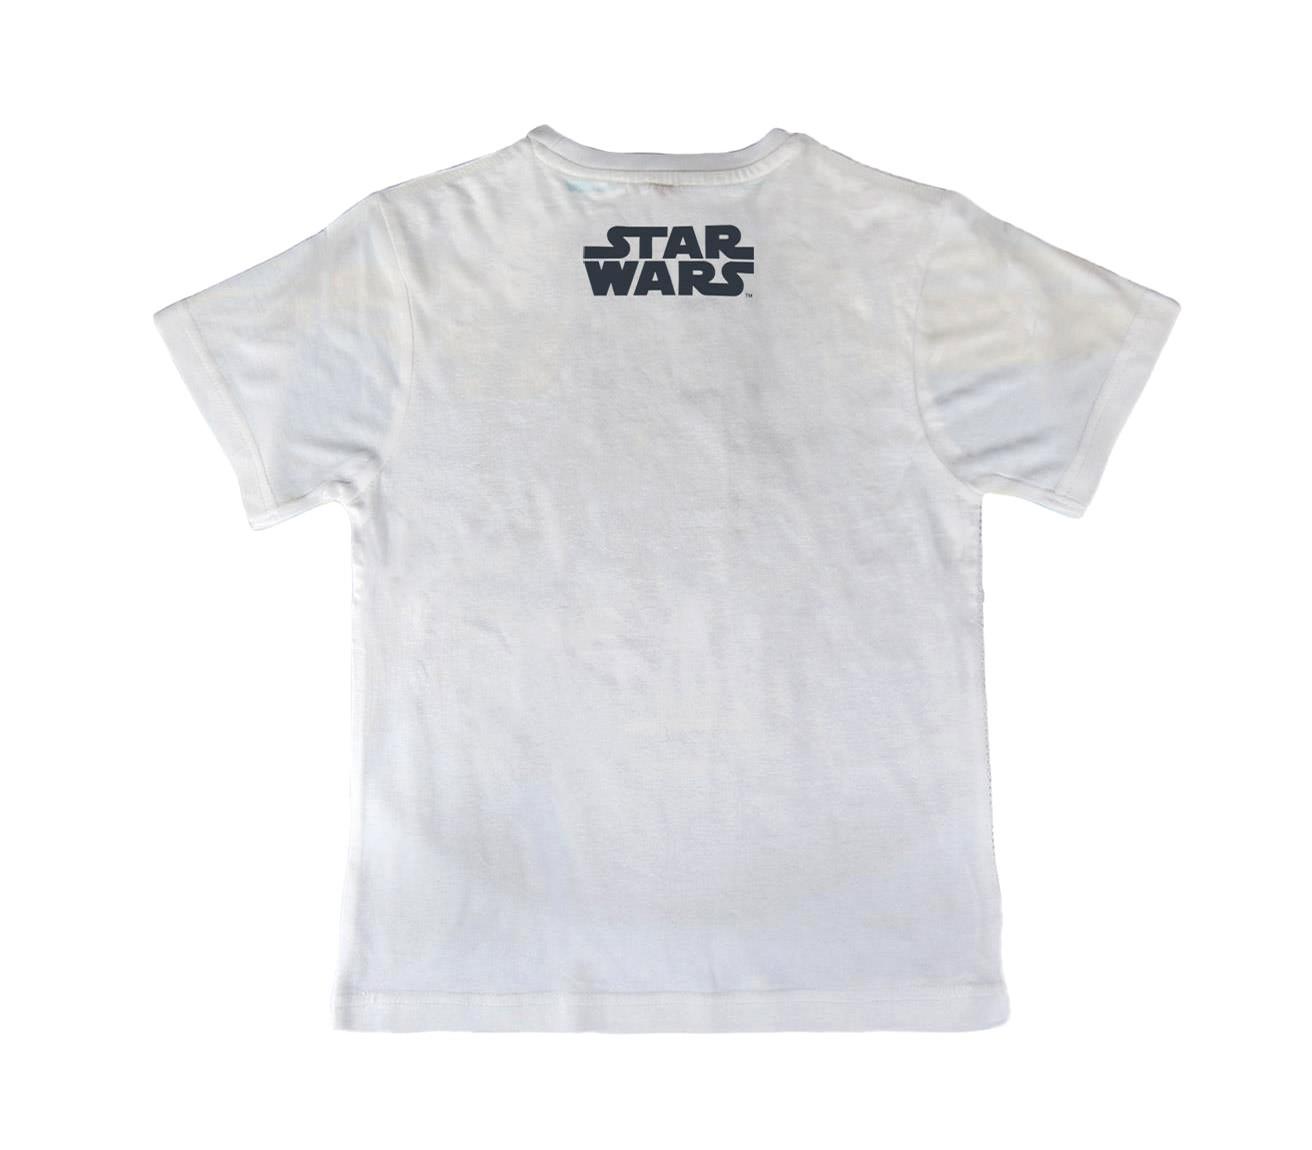 T-shirt-da-bambino-Darth-Fener-STAR-WARS-2200001958-traforata-dagli-8-ai-14-anni miniatura 6